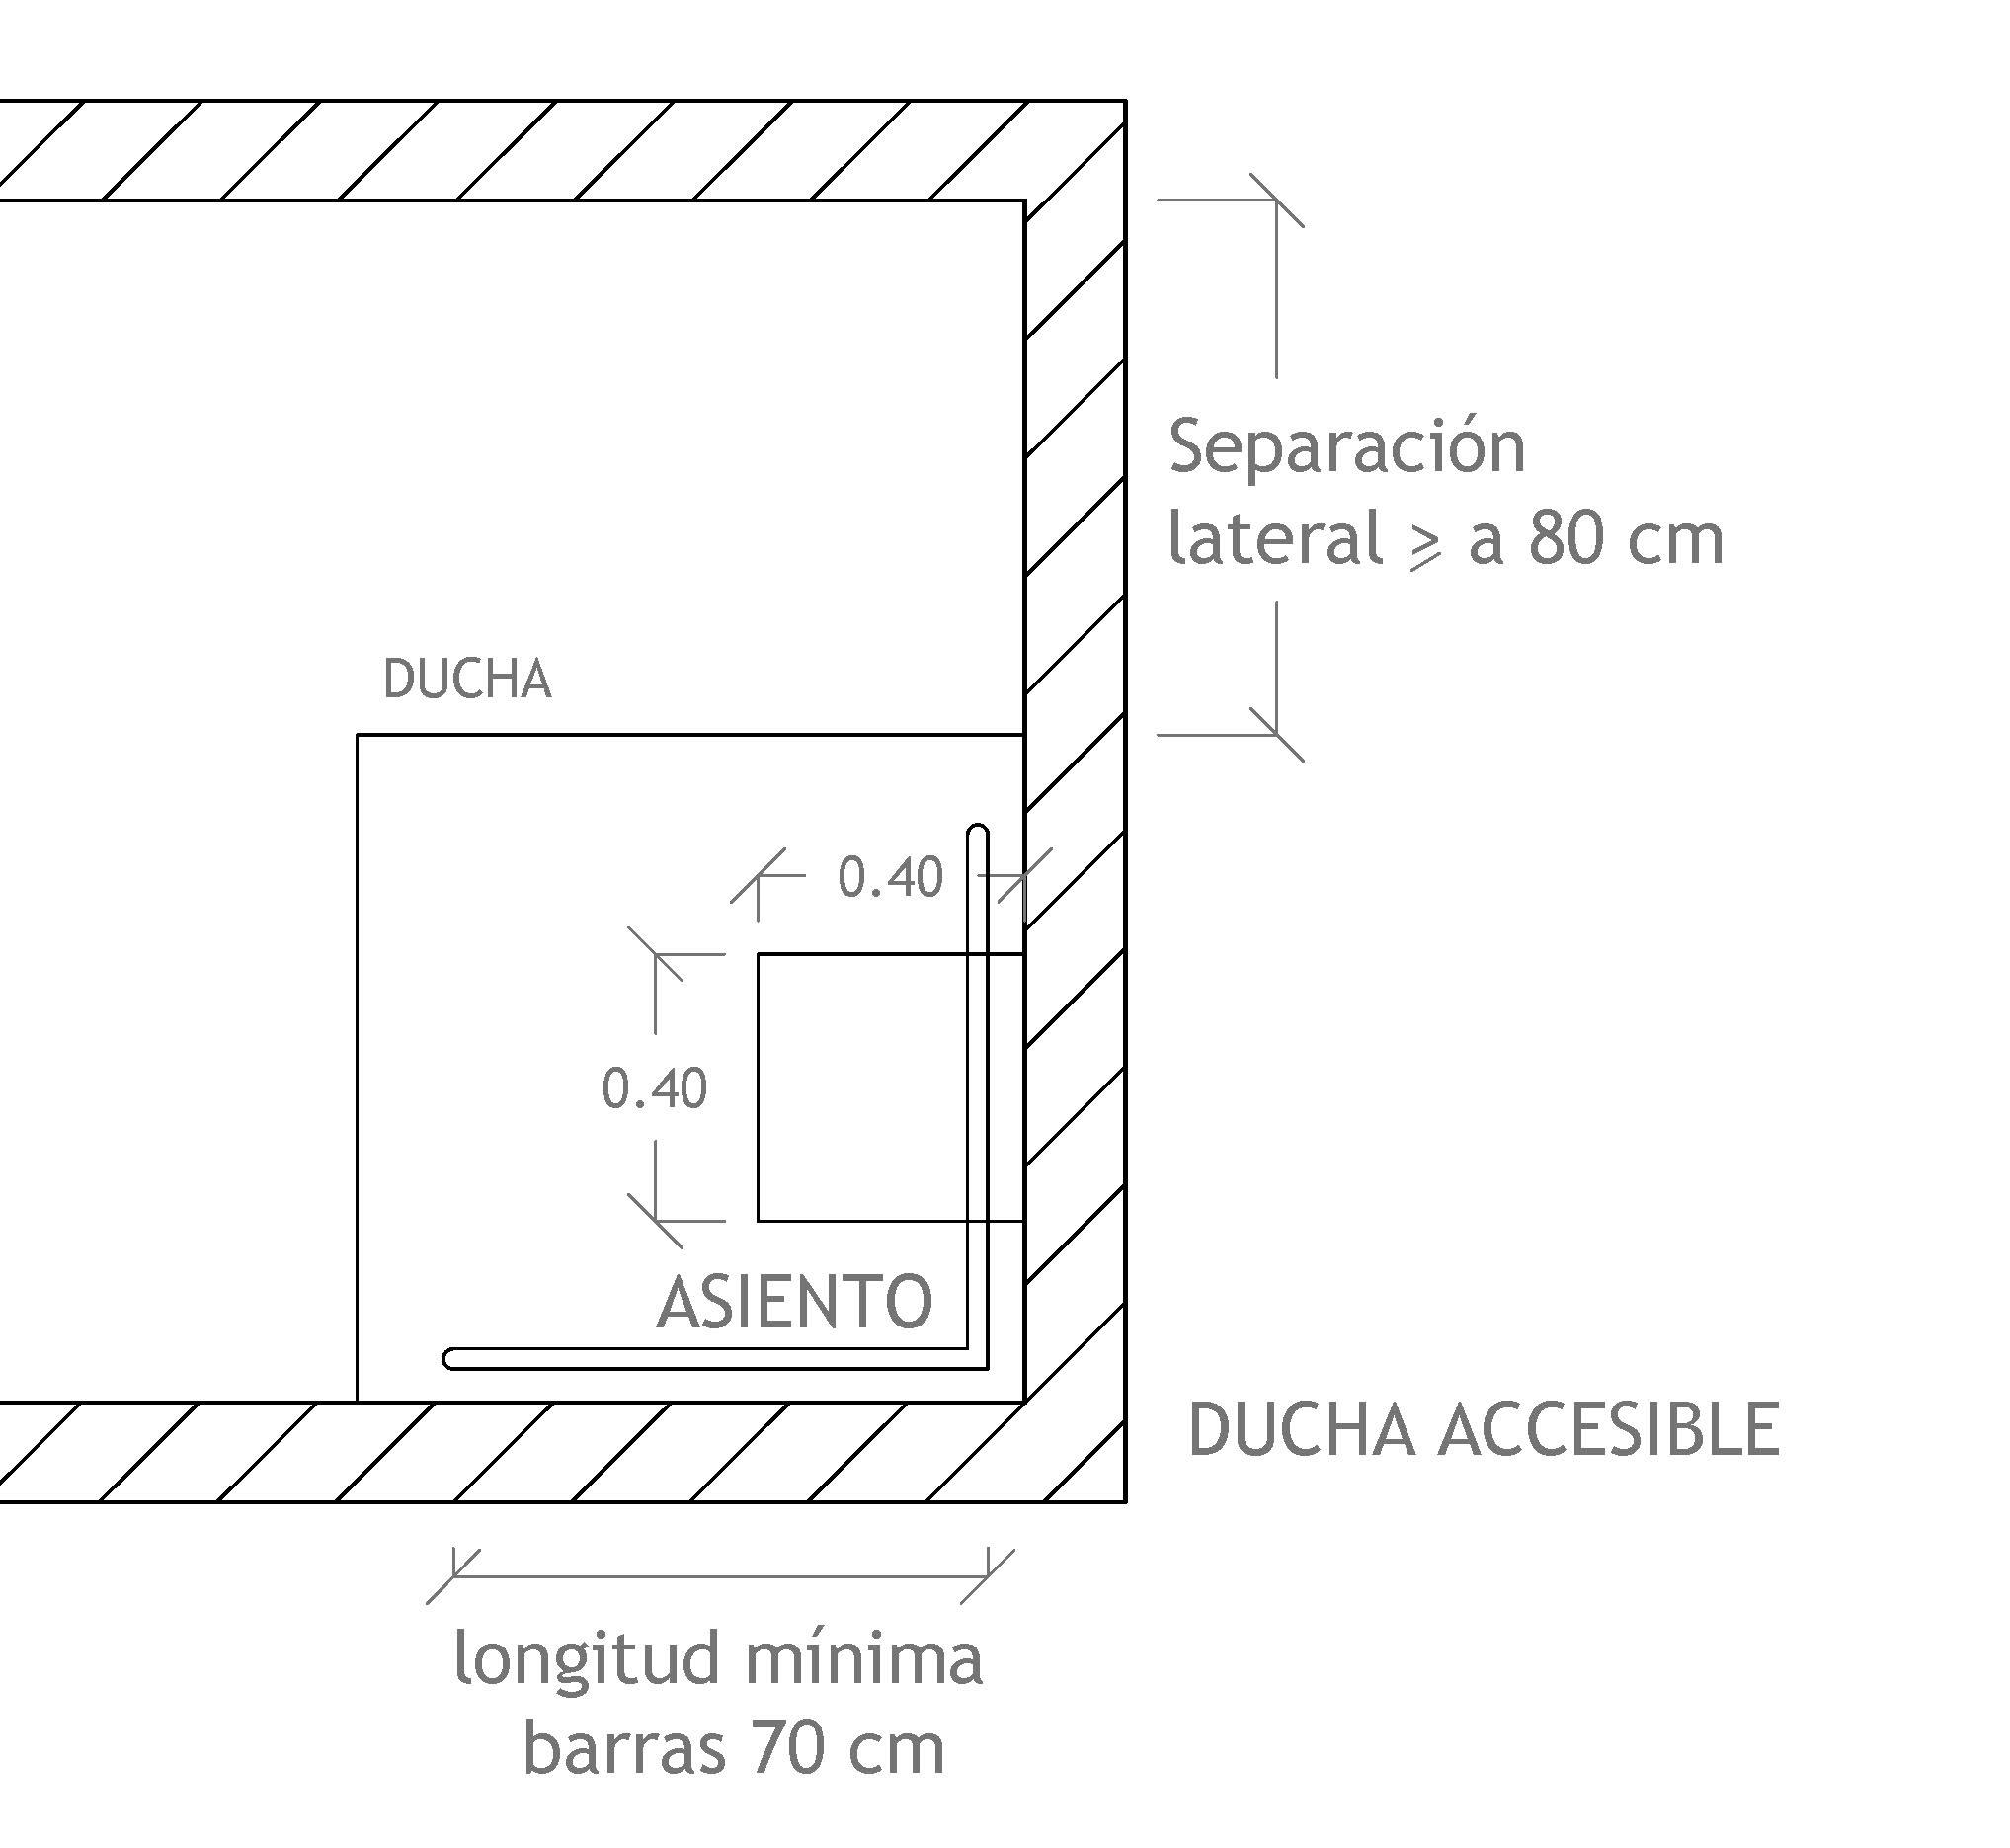 deslialicencias.es | licencias de actividad: selecciÓn de local - Aseo Adaptado A Minusvalidos Medidas